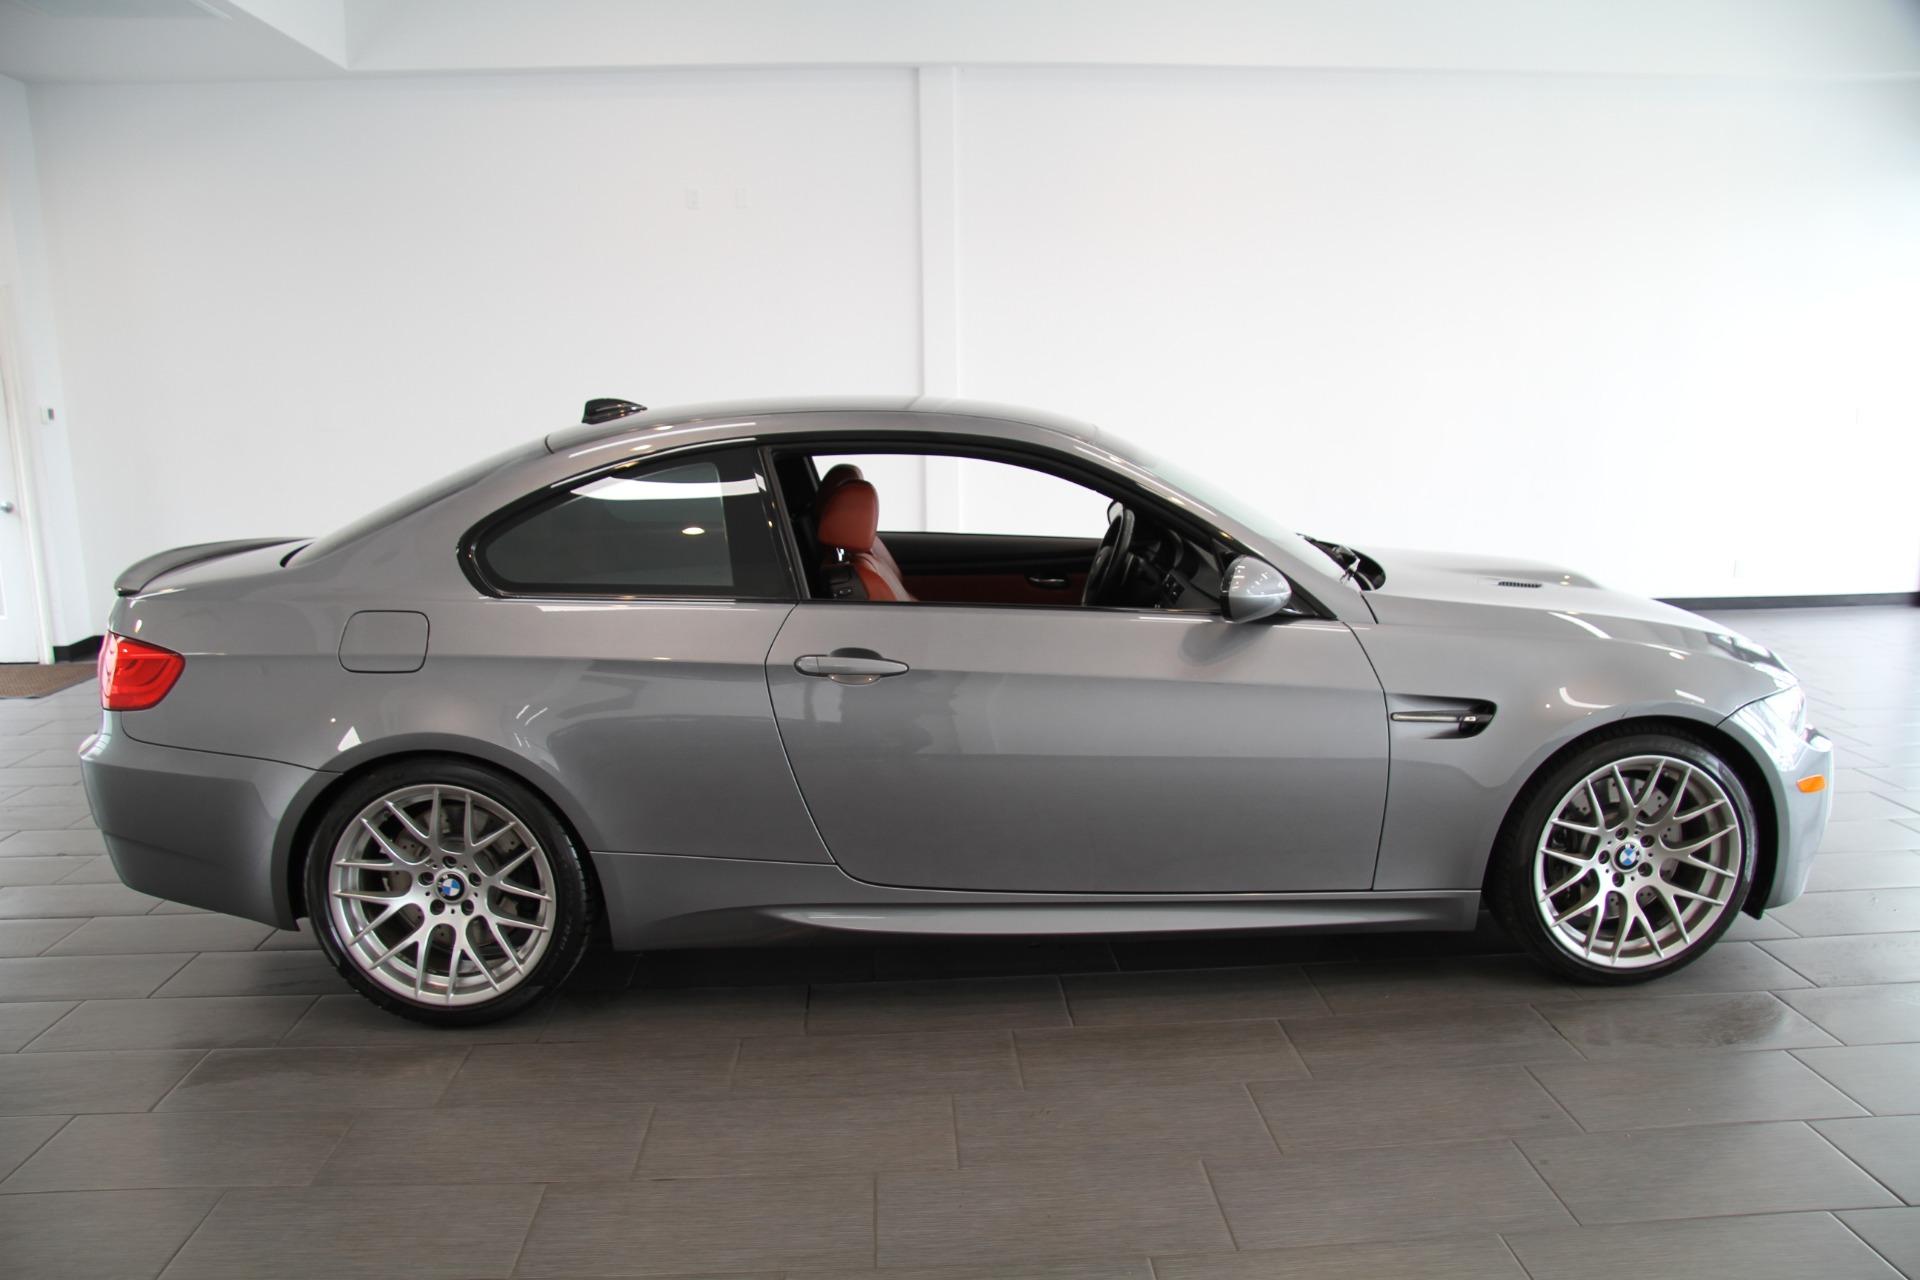 Bmw Dealer Near Me >> 2011 BMW M3 Stock # 646018 for sale near Redondo Beach, CA ...